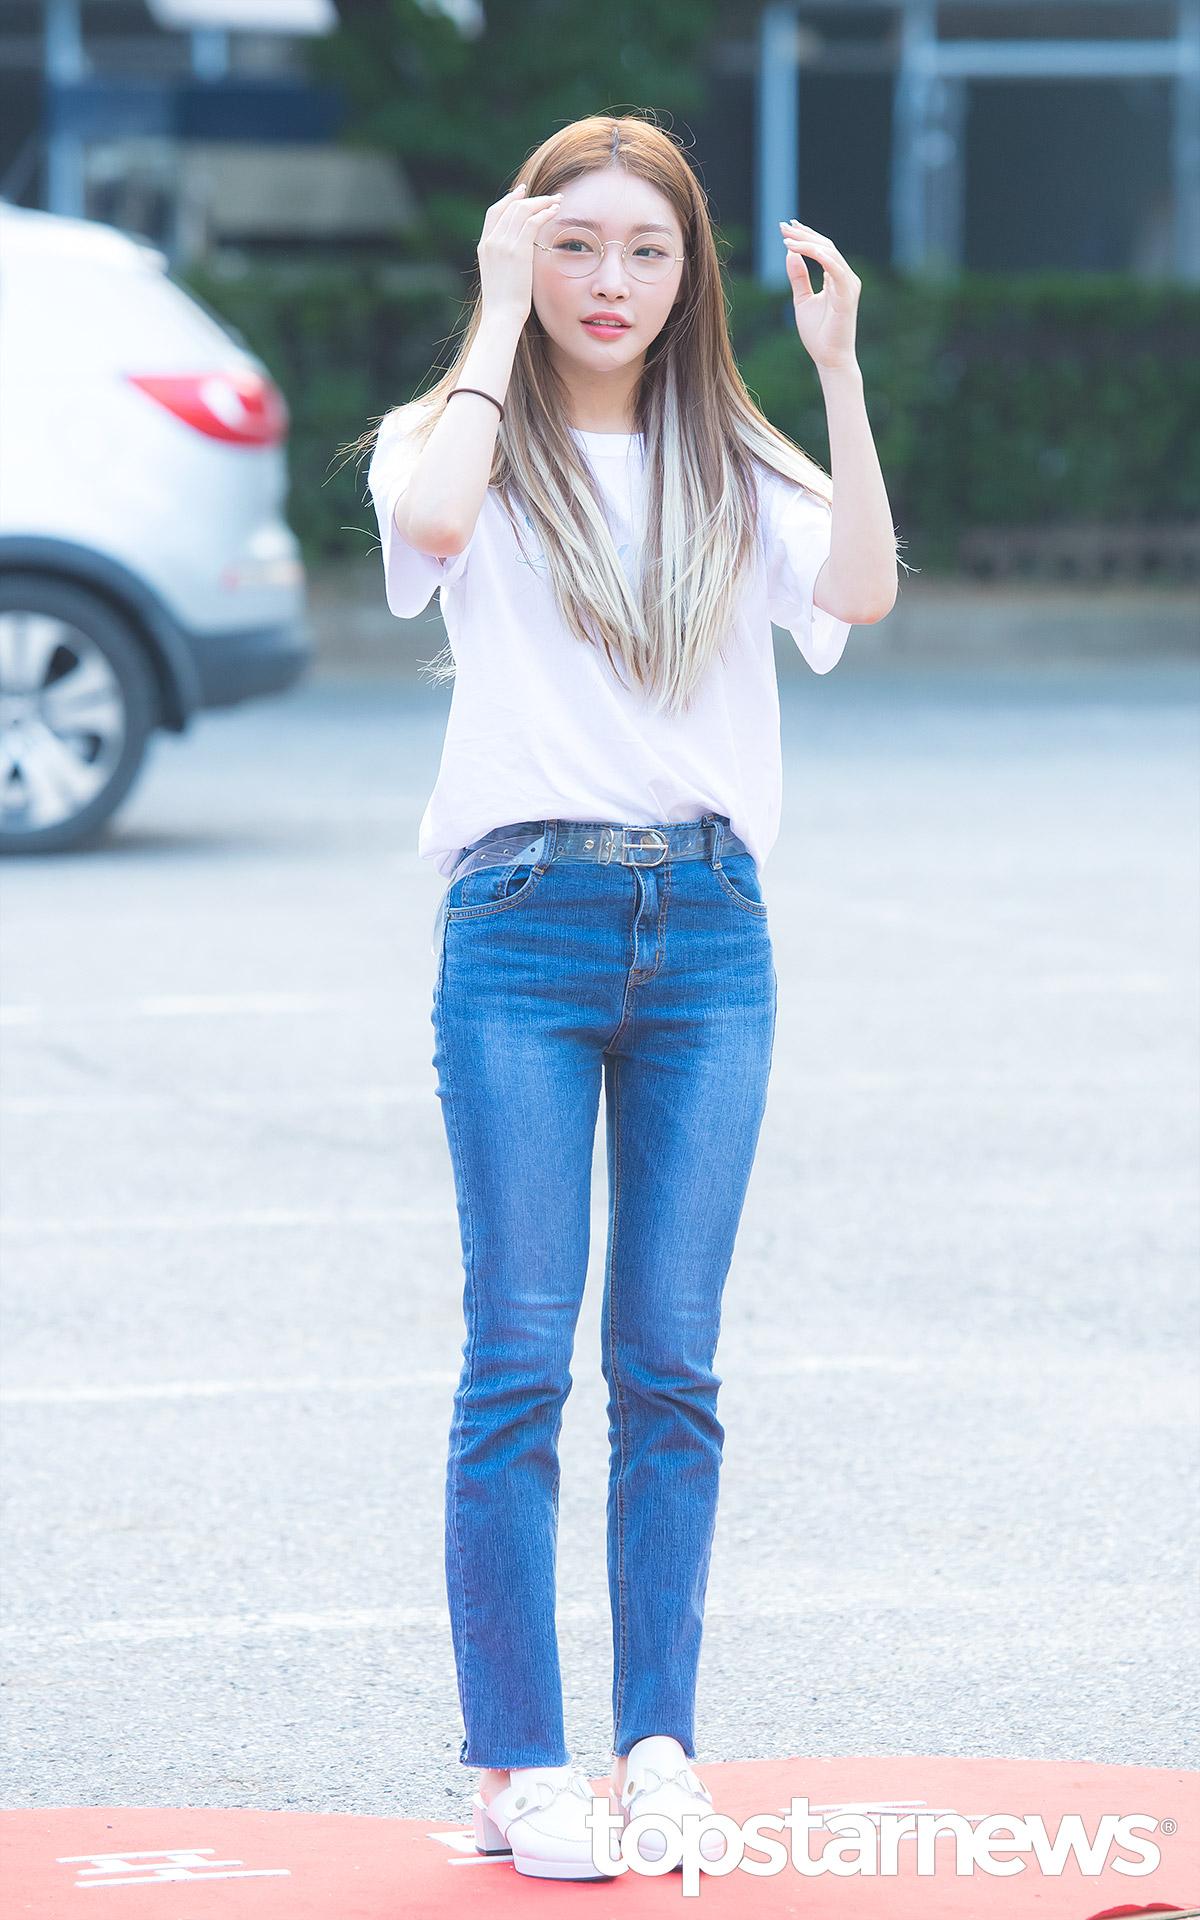 phong cách thời trang Kim Chung Ha 10